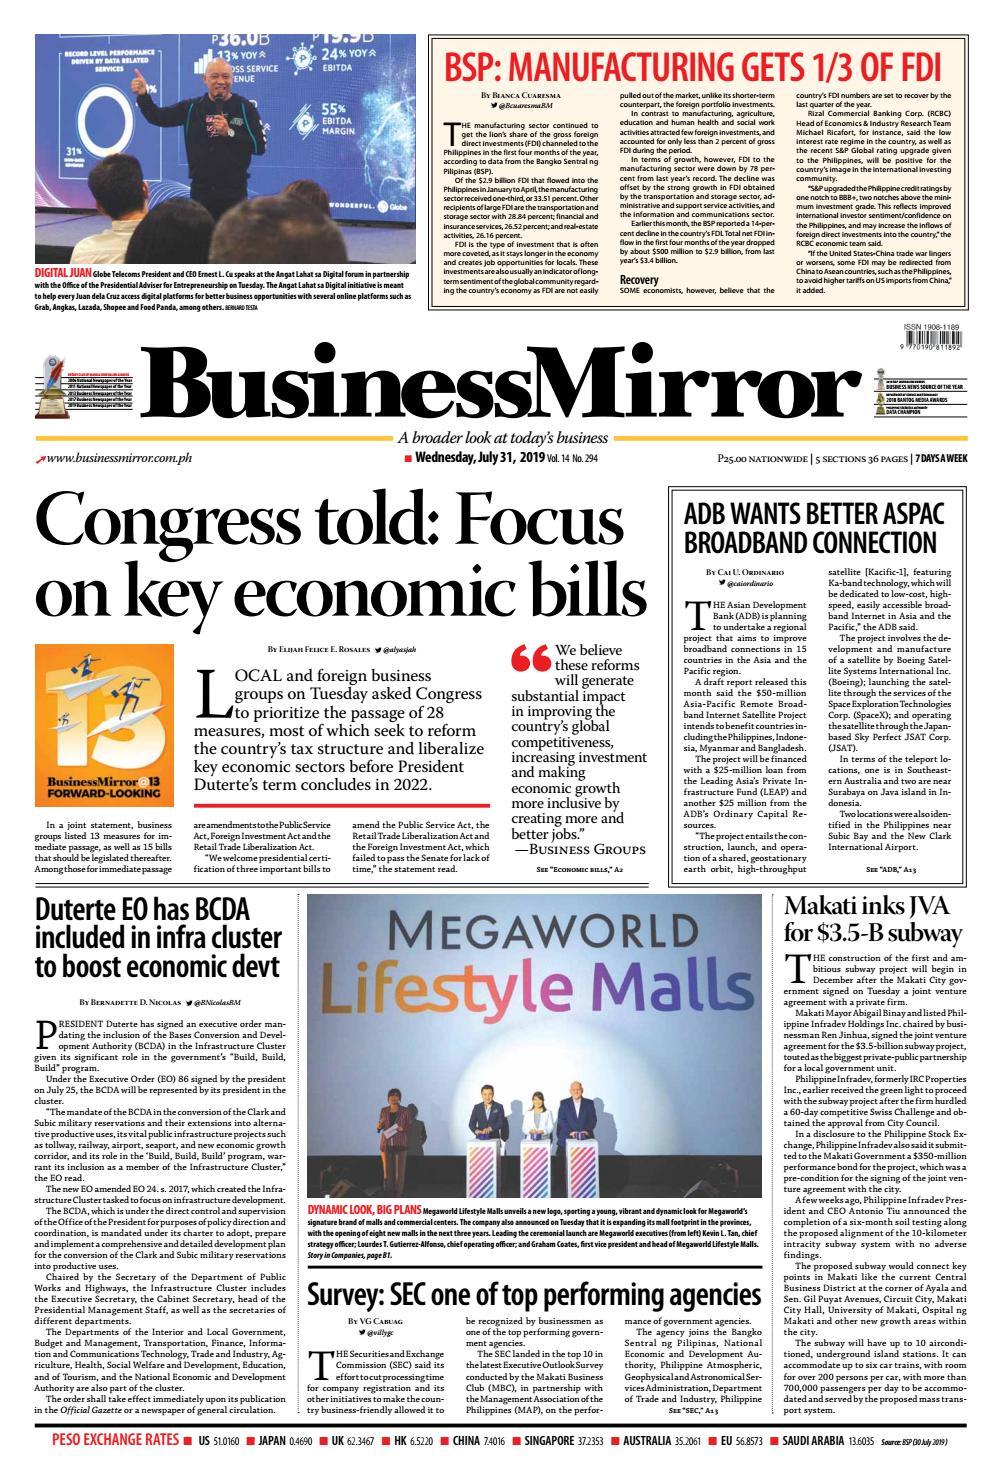 BusinessMirror July 31, 2019 by BusinessMirror - issuu